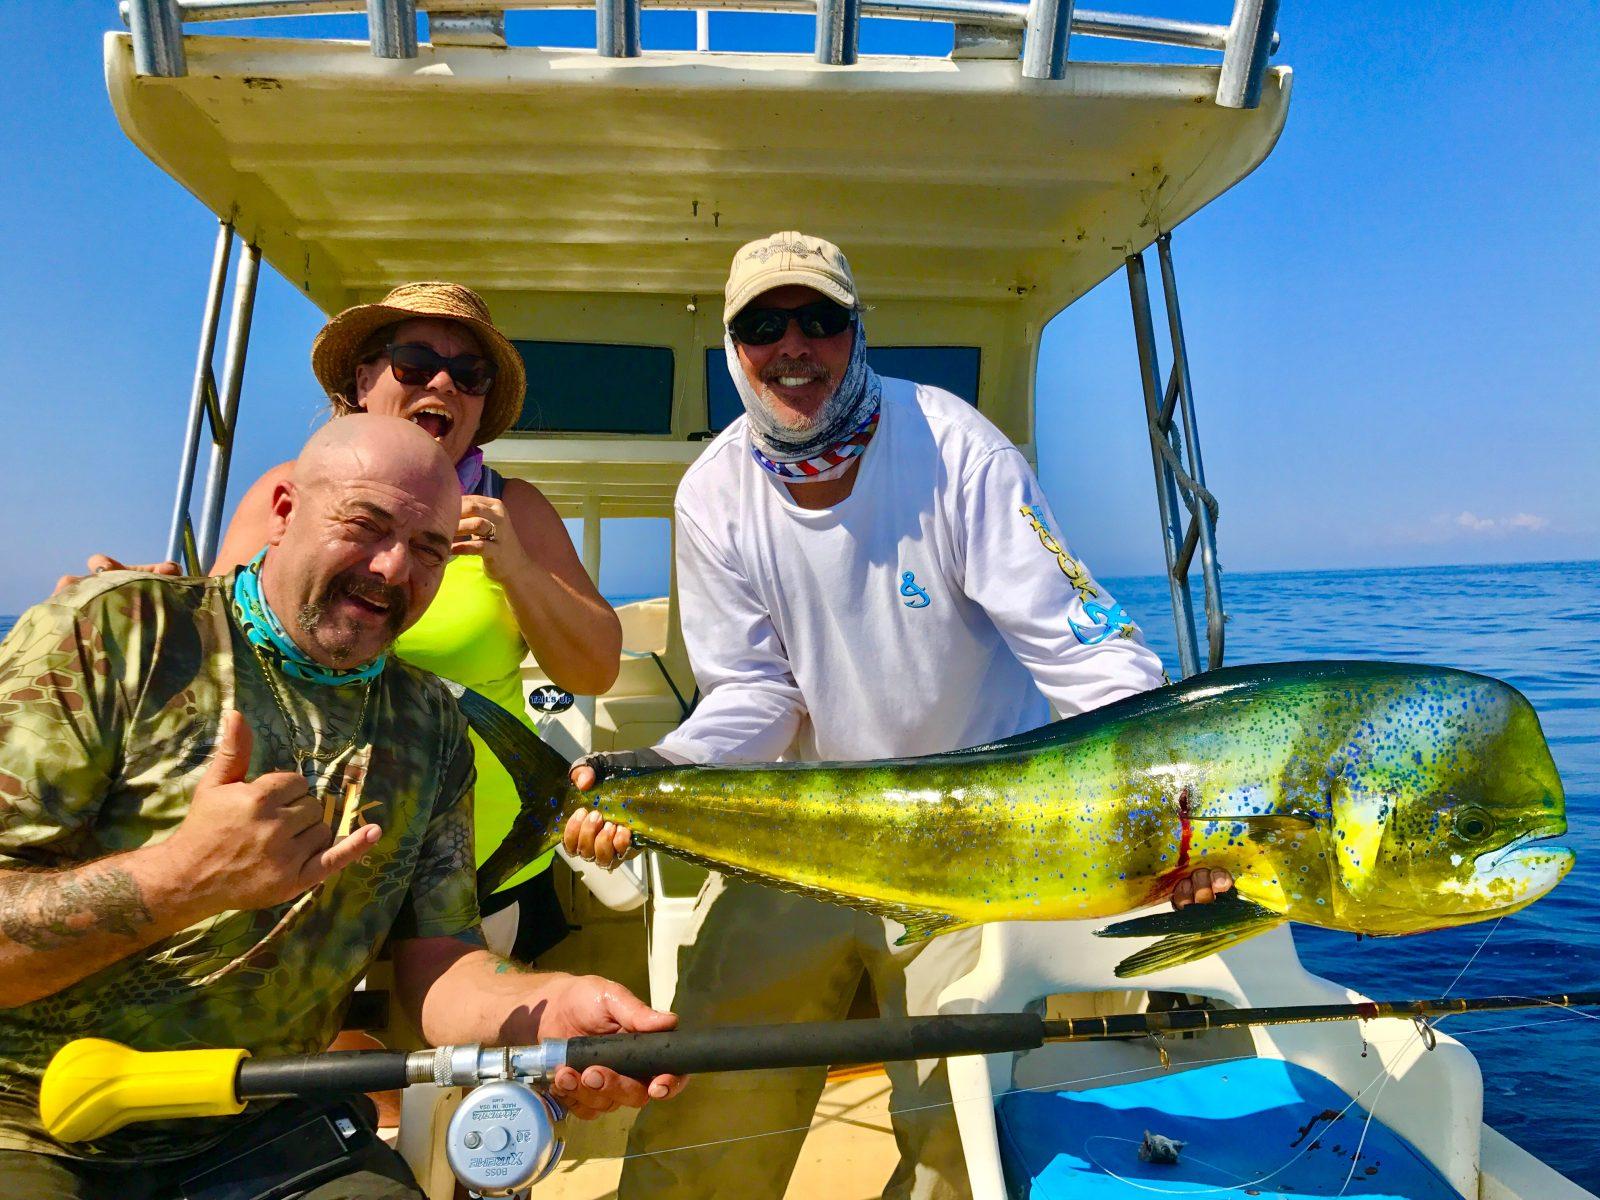 Wicked Tuna's Dave Marciano fishes Bahia La Tortuga